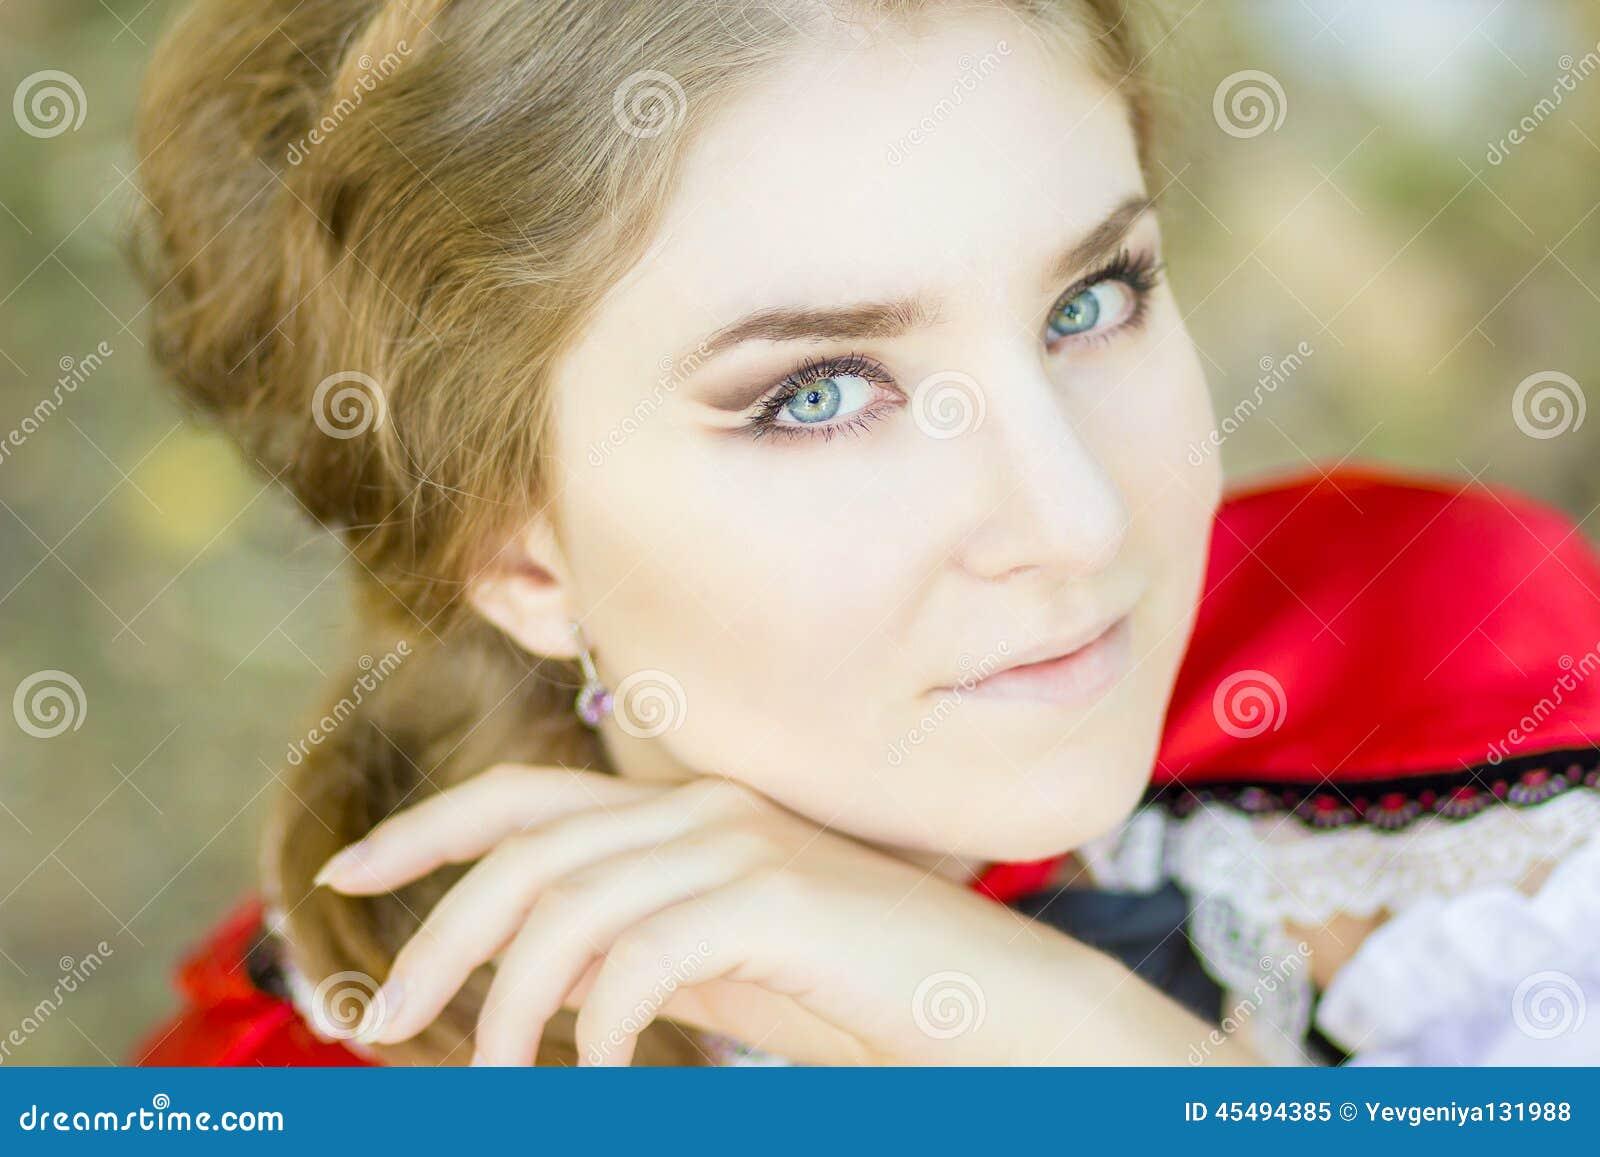 Картинки или фото одетая девушка на природе